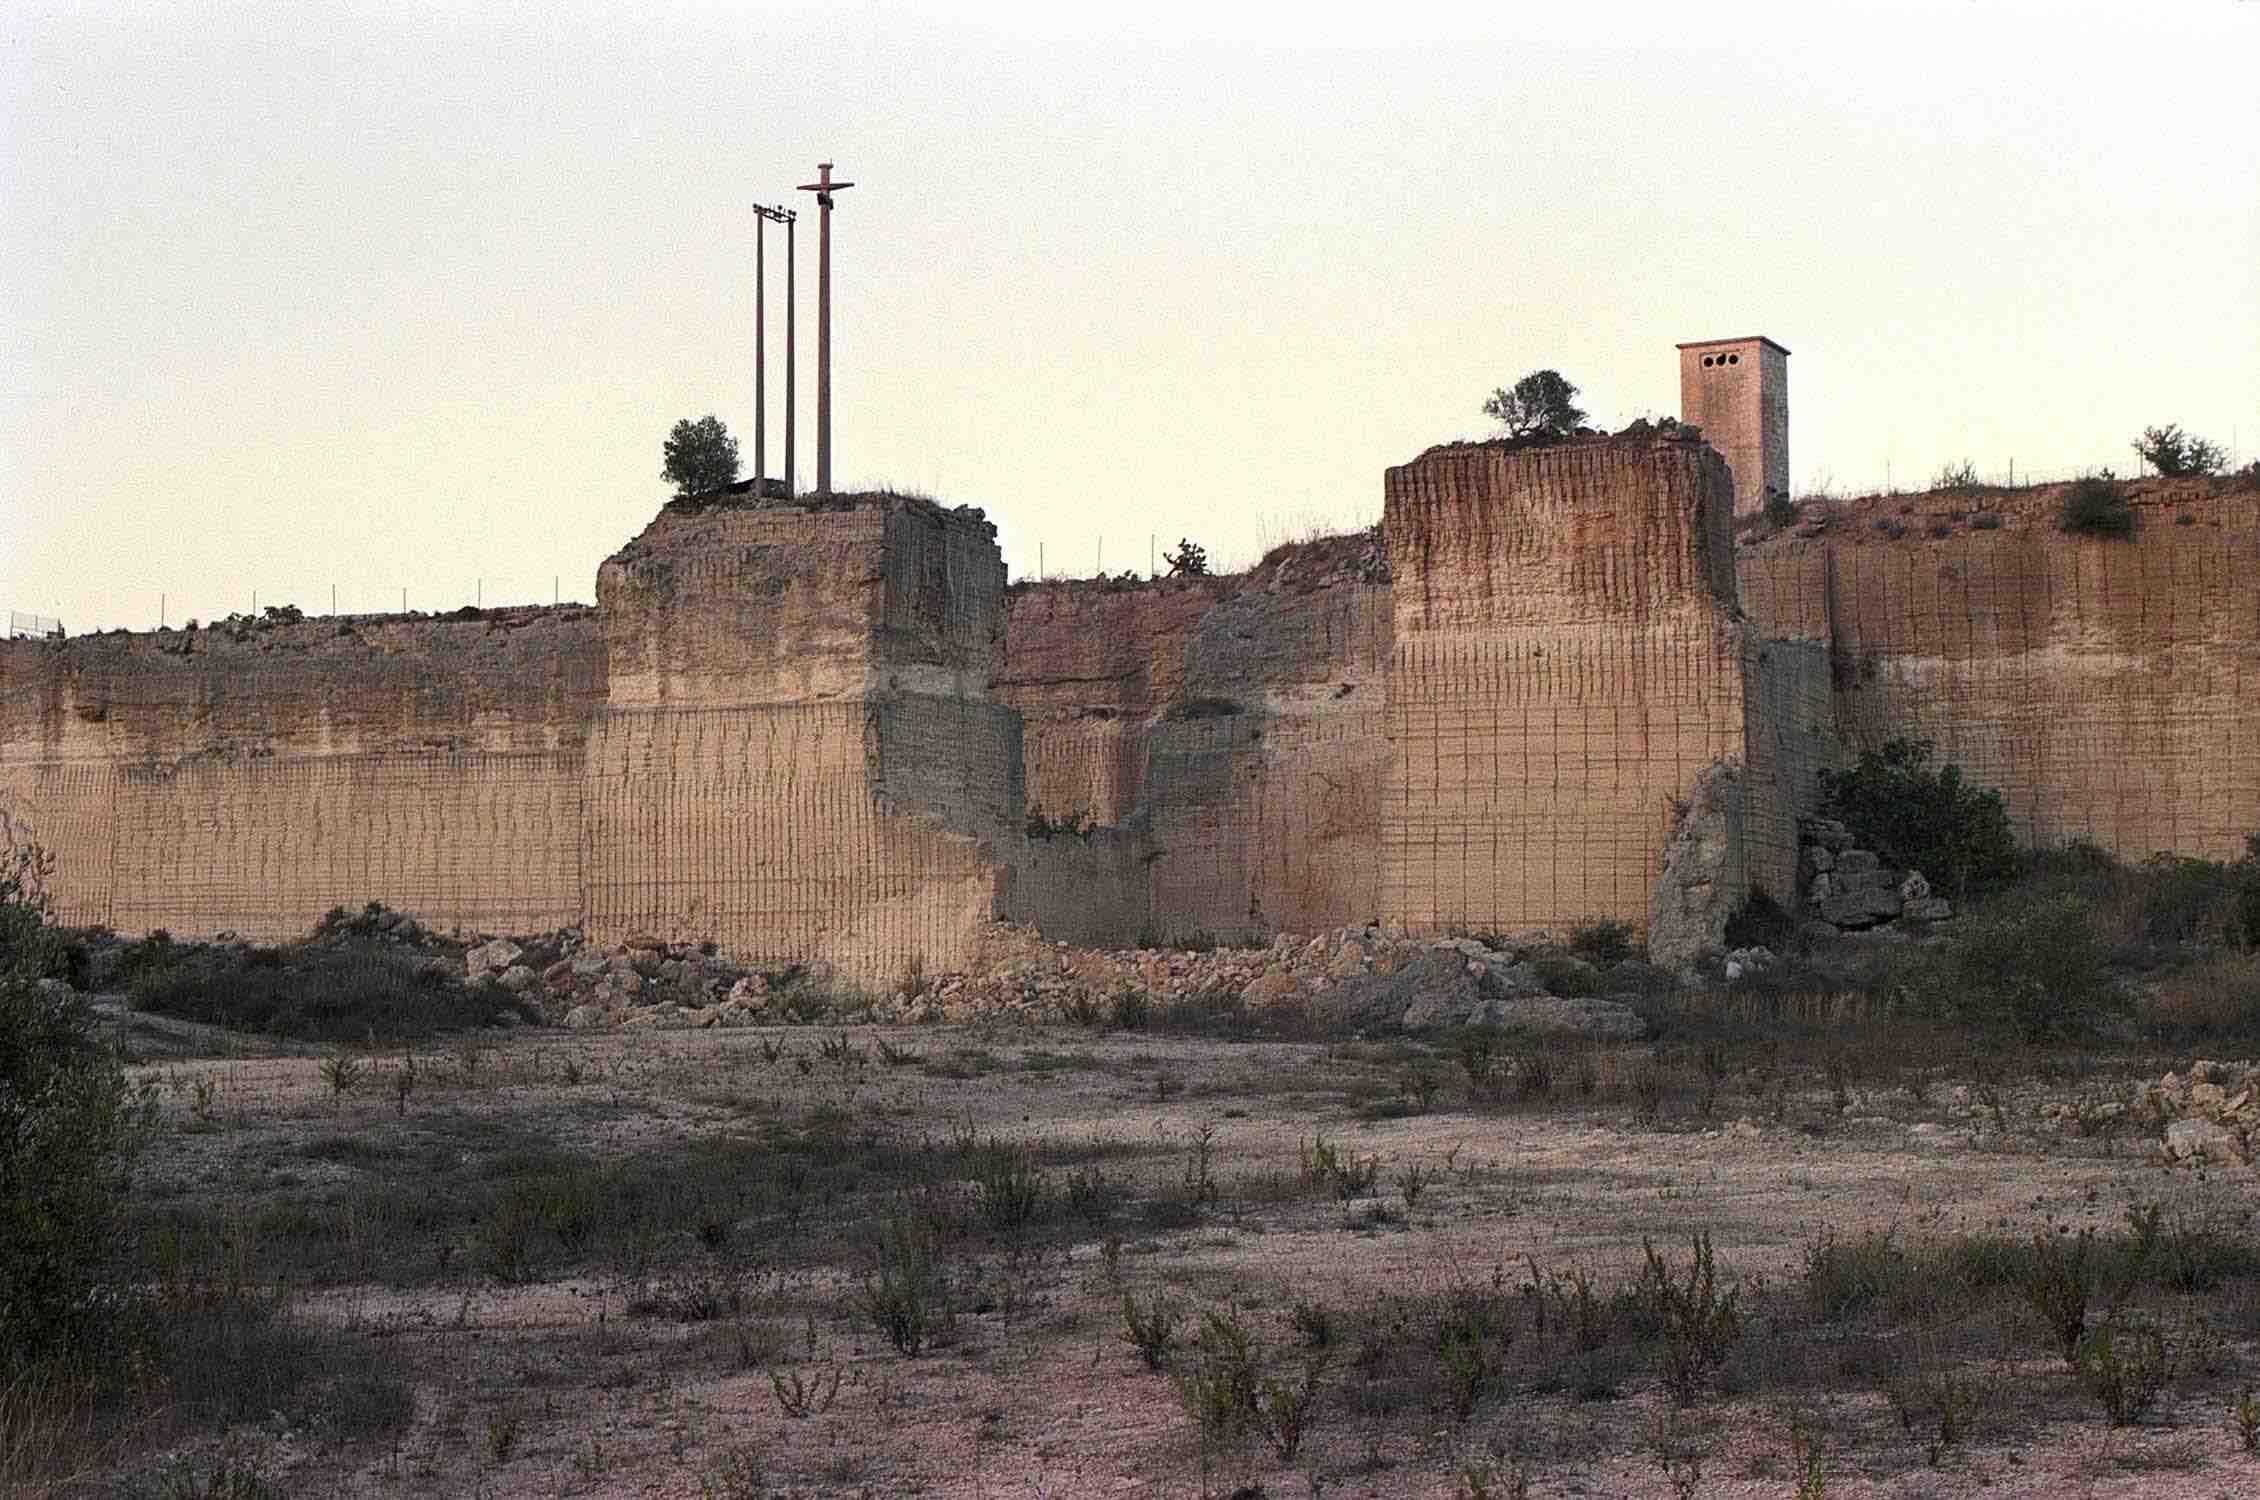 13b-villaggio-cavatrulli-archetipo-6-archivio-fotografico-fabrizio-bellomo-2010-2015-fotografia-di-fabrizio-bellomo-courtesy-fabrizio-bellomo